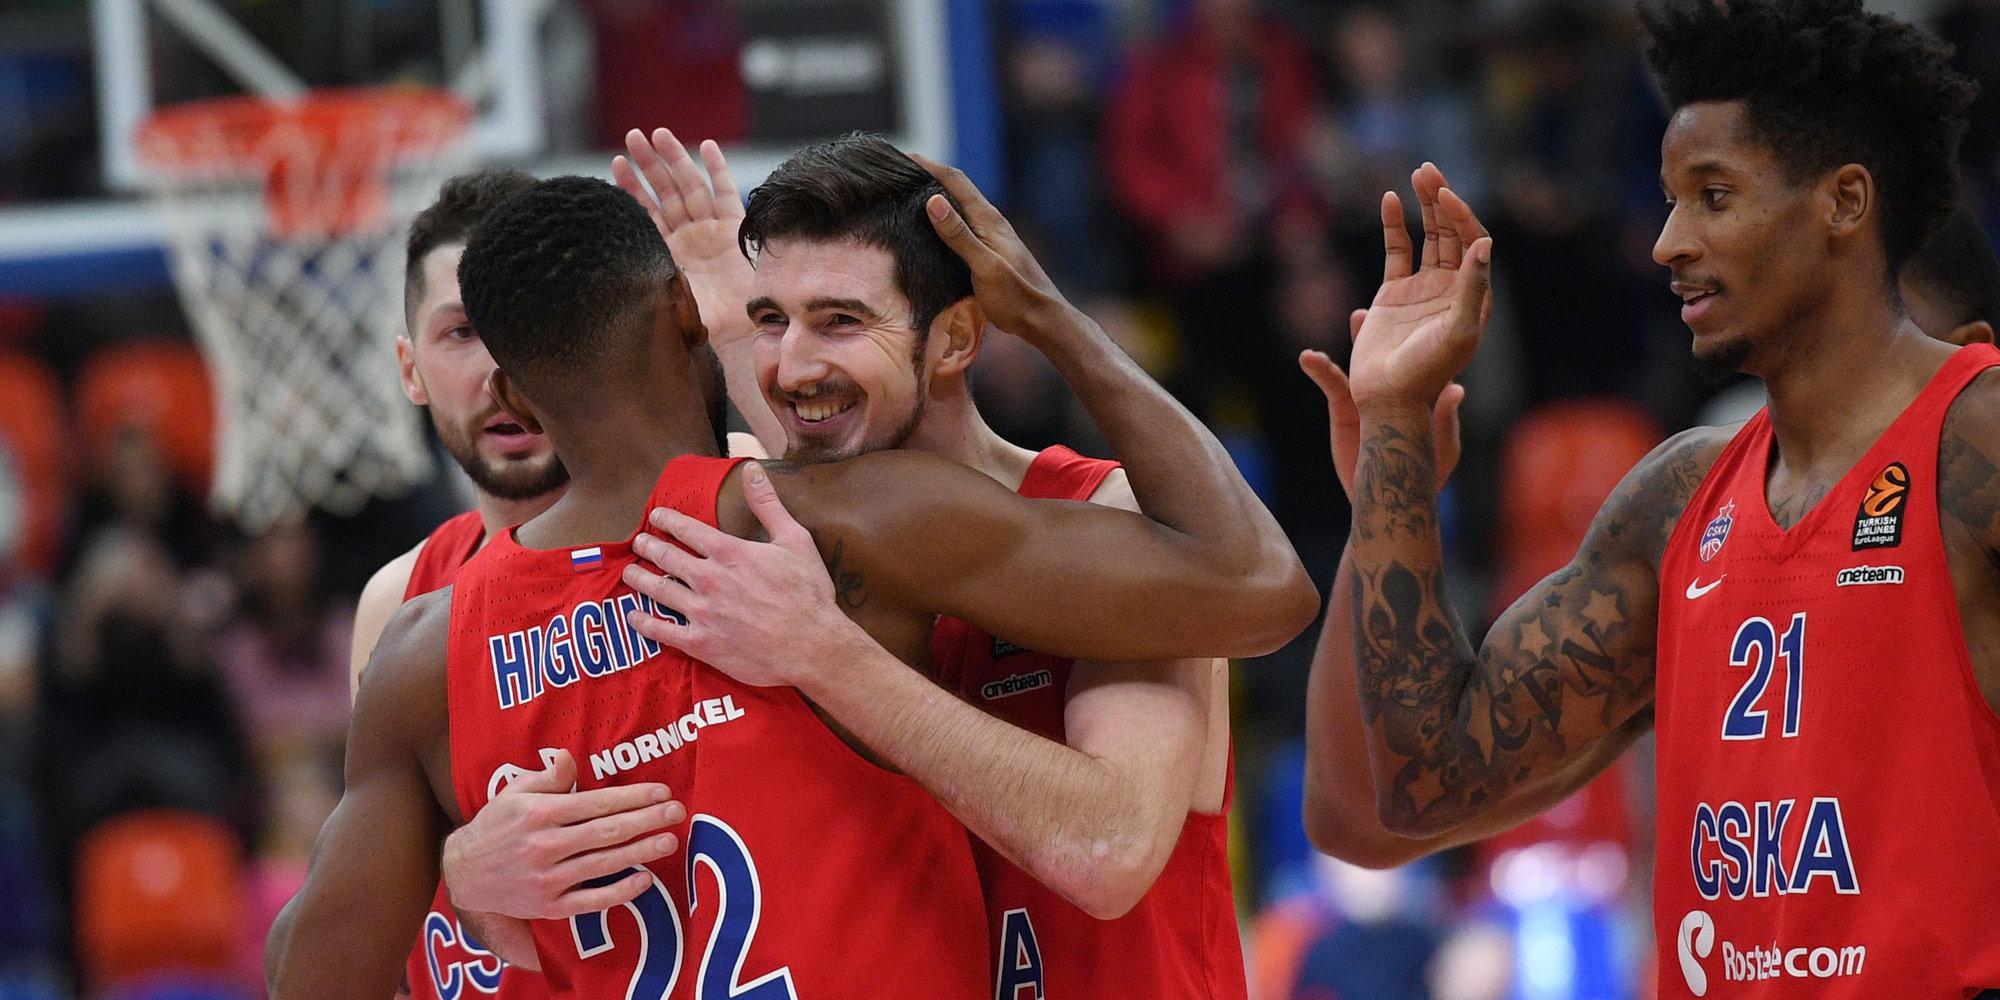 ЦСКА вышел в финал Евролиги, отыграв 14 очков по ходу матча с «Реалом»